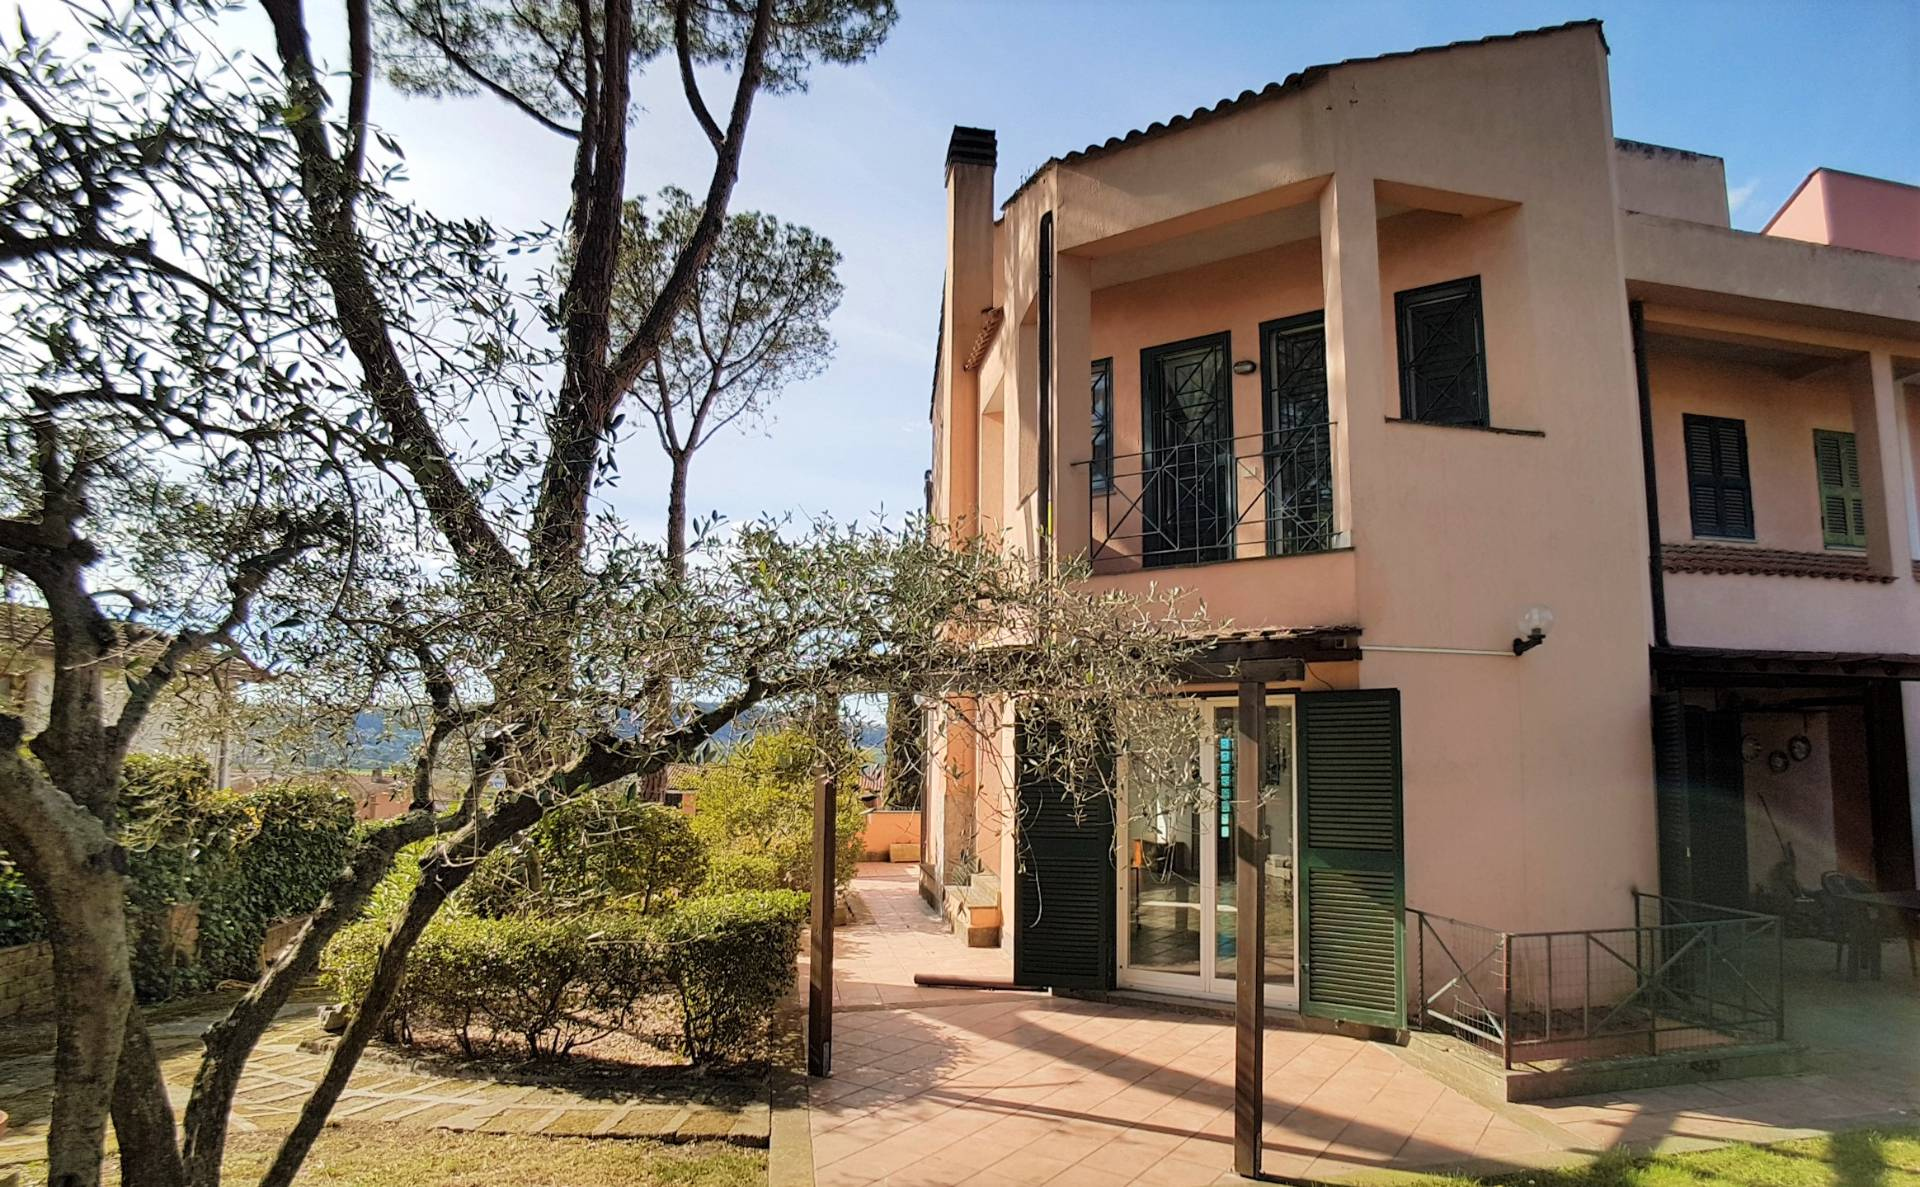 Villa in vendita a Campagnano di Roma, 13 locali, prezzo € 280.000 | CambioCasa.it